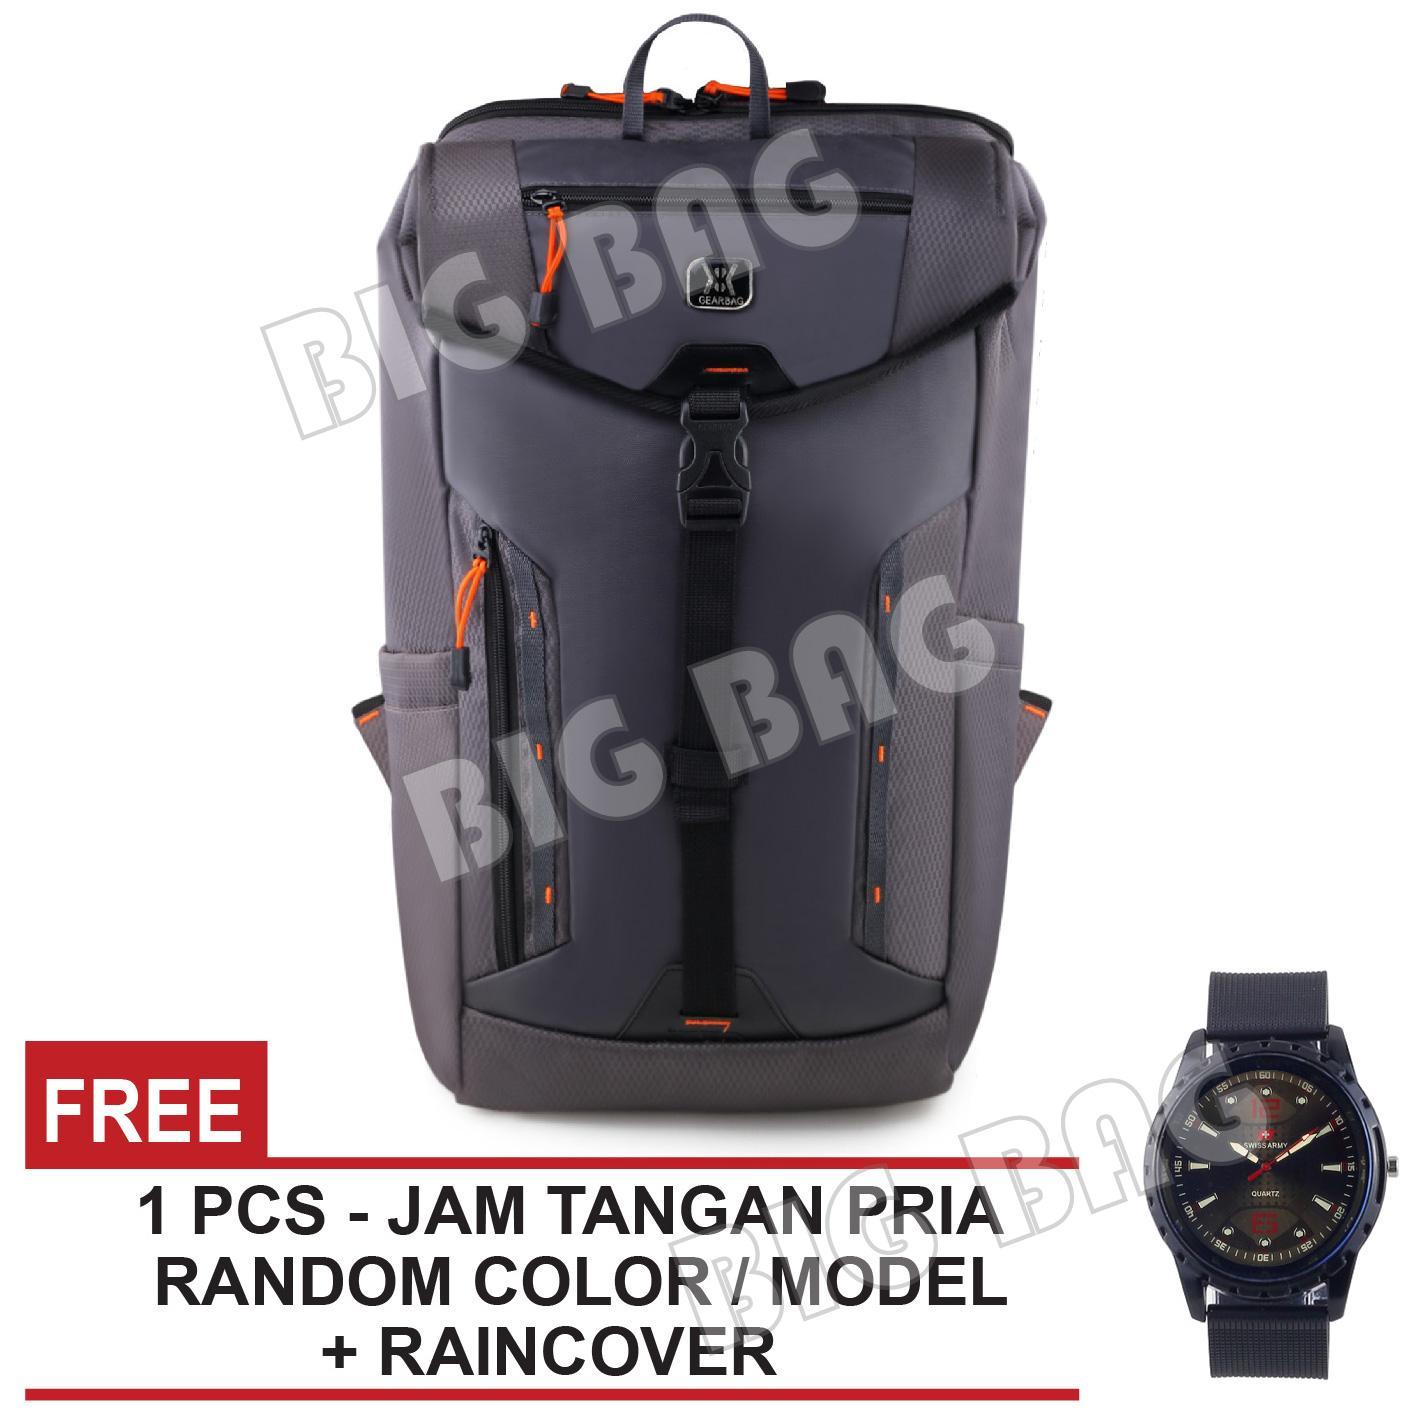 Tas Ransel Pria Gear Bag Kingdom Backpack + Raincover FREE Jam Tangan Pria  - Tas Gunung 45ddb96cbe